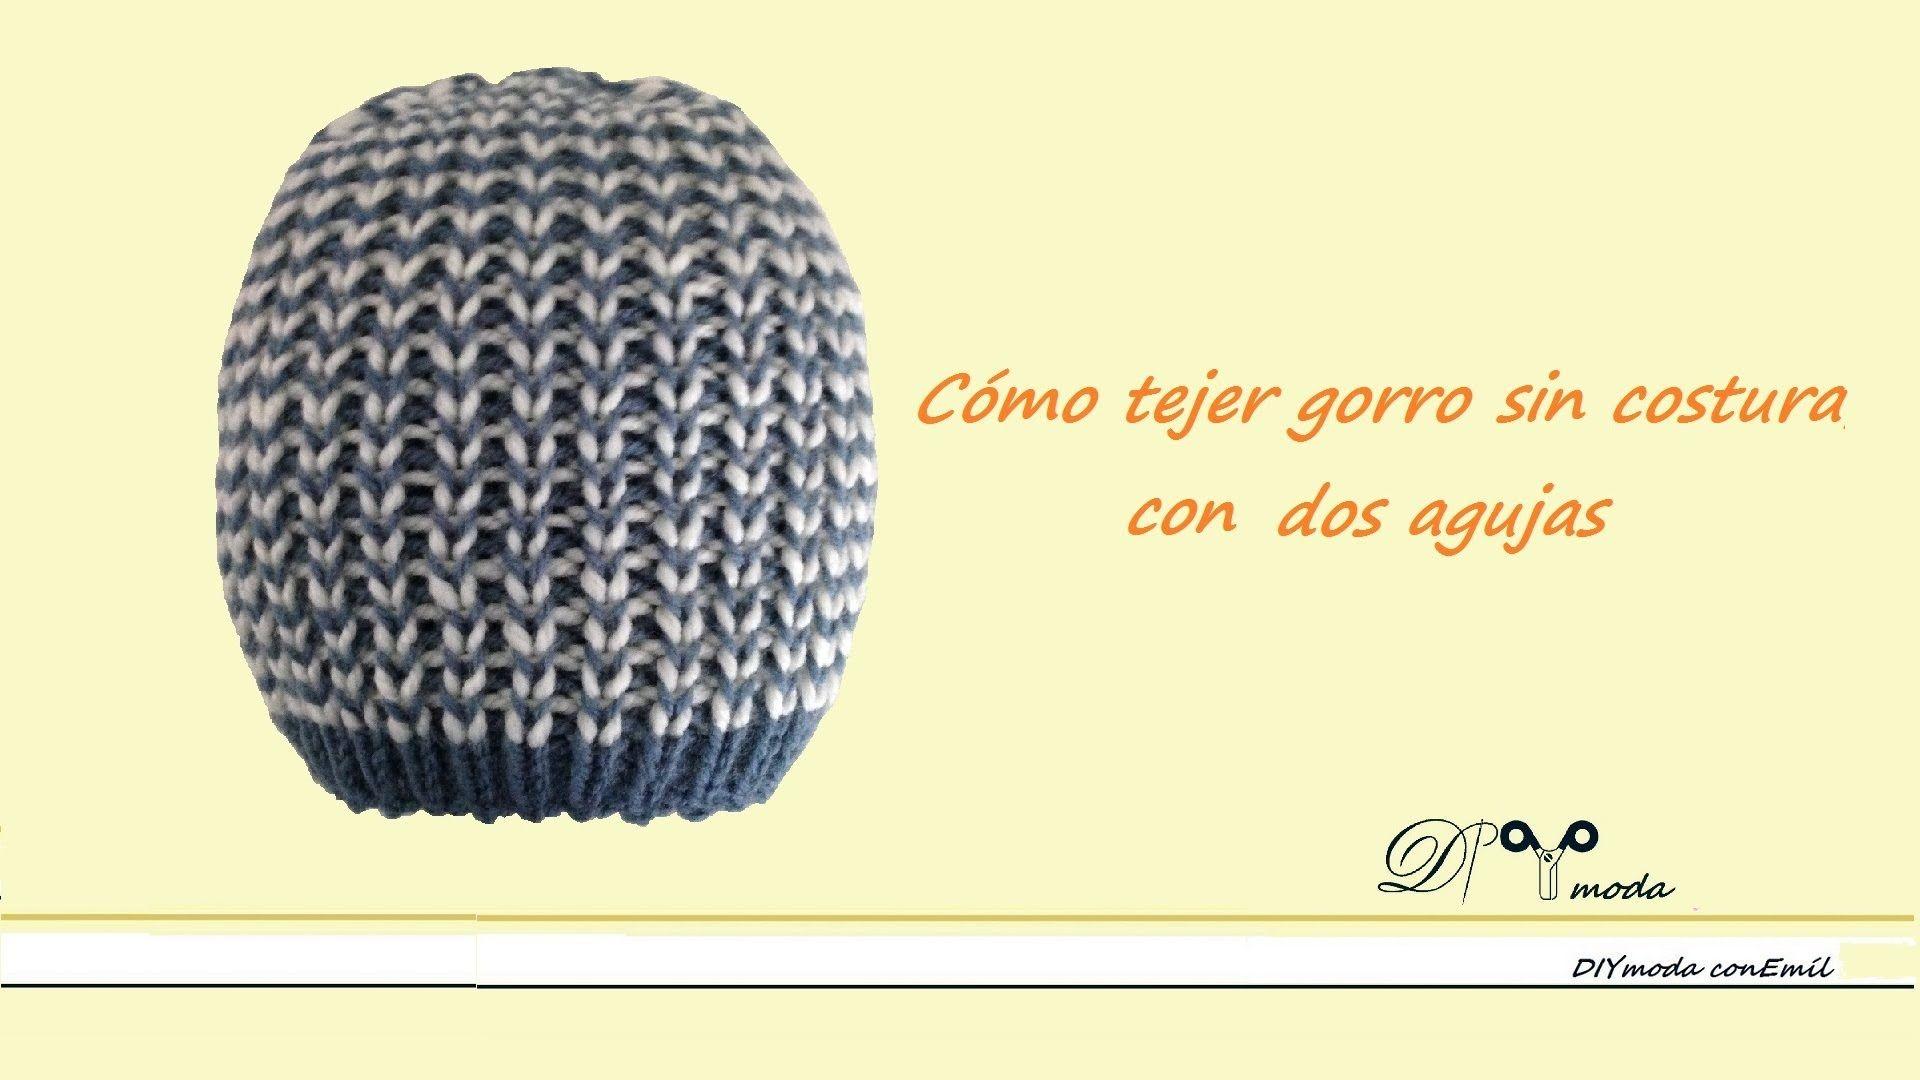 GORRO   Cómo tejer un gorro elástico sin costura con dos agujas ... f7b1495c55a